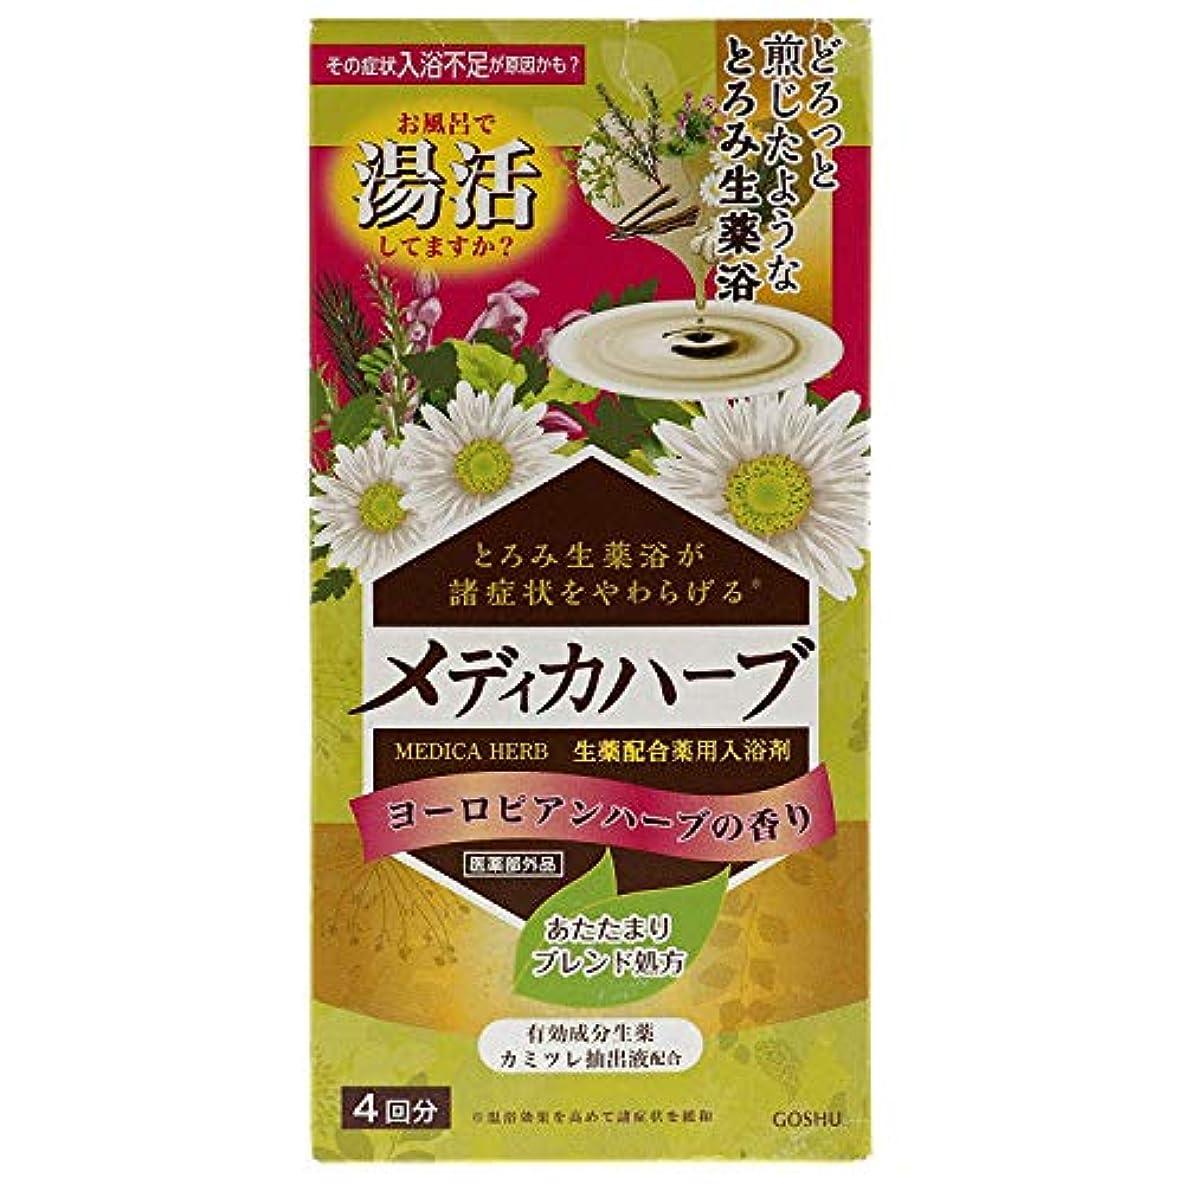 肥料拘束する旅行者メディカハーブ ヨーロピアンハーブの香り 4包(4回分) [医薬部外品]